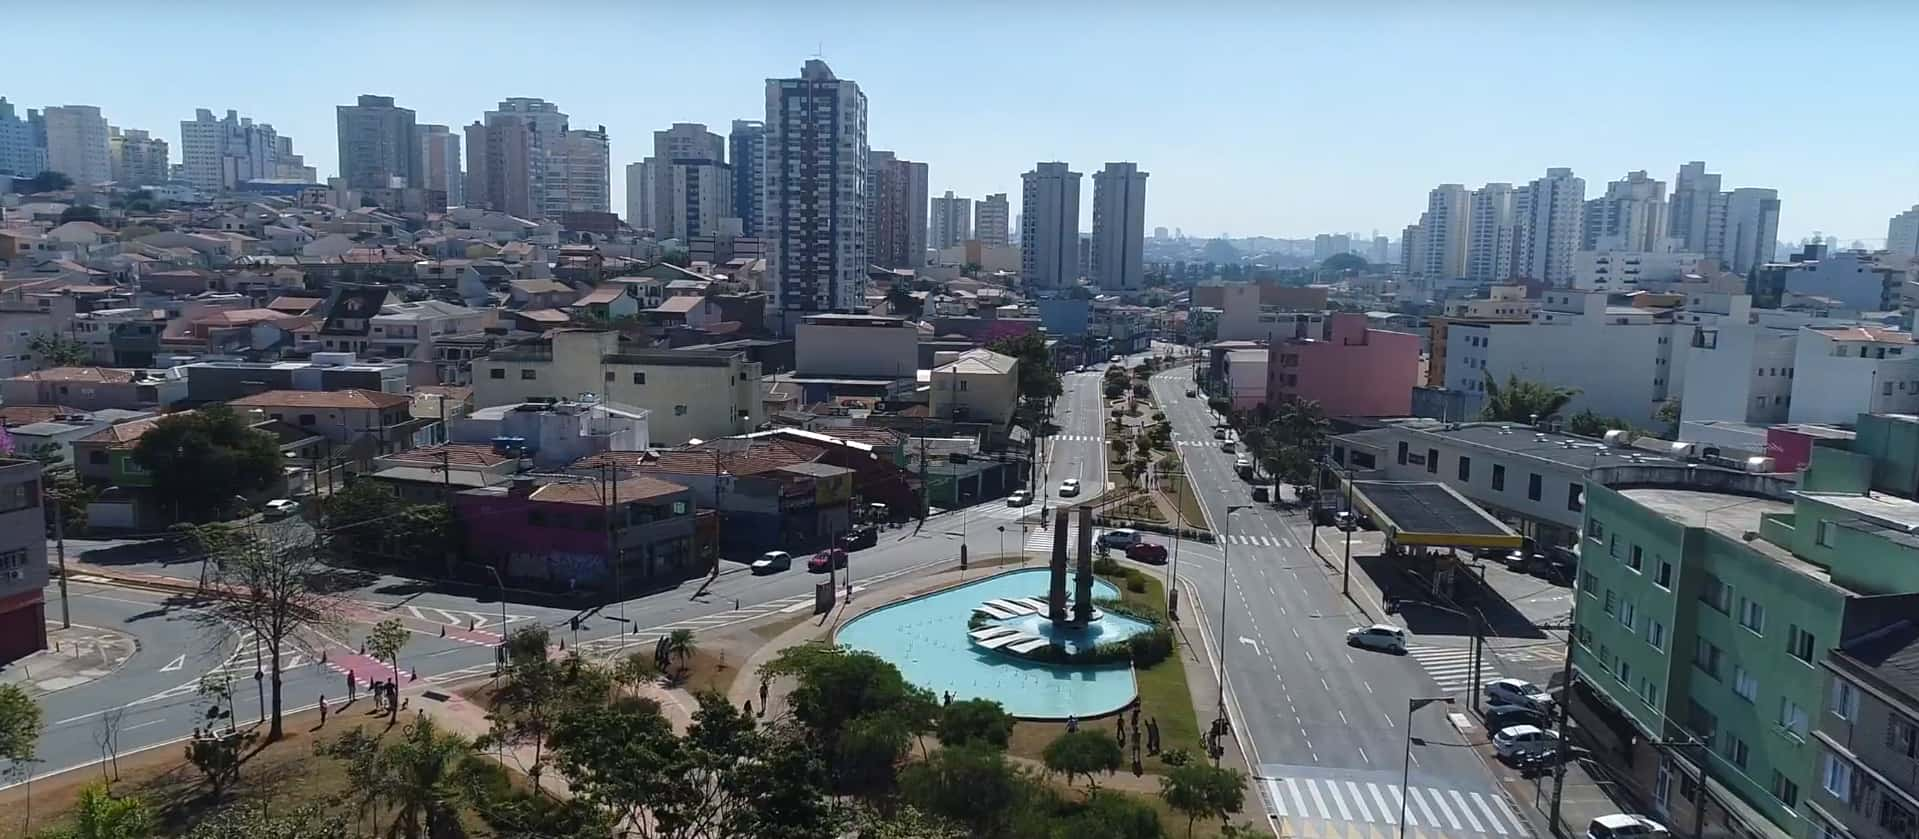 Morar Em Sao Caetano Do Sul E Ter Qualidade De Vida Meulugar